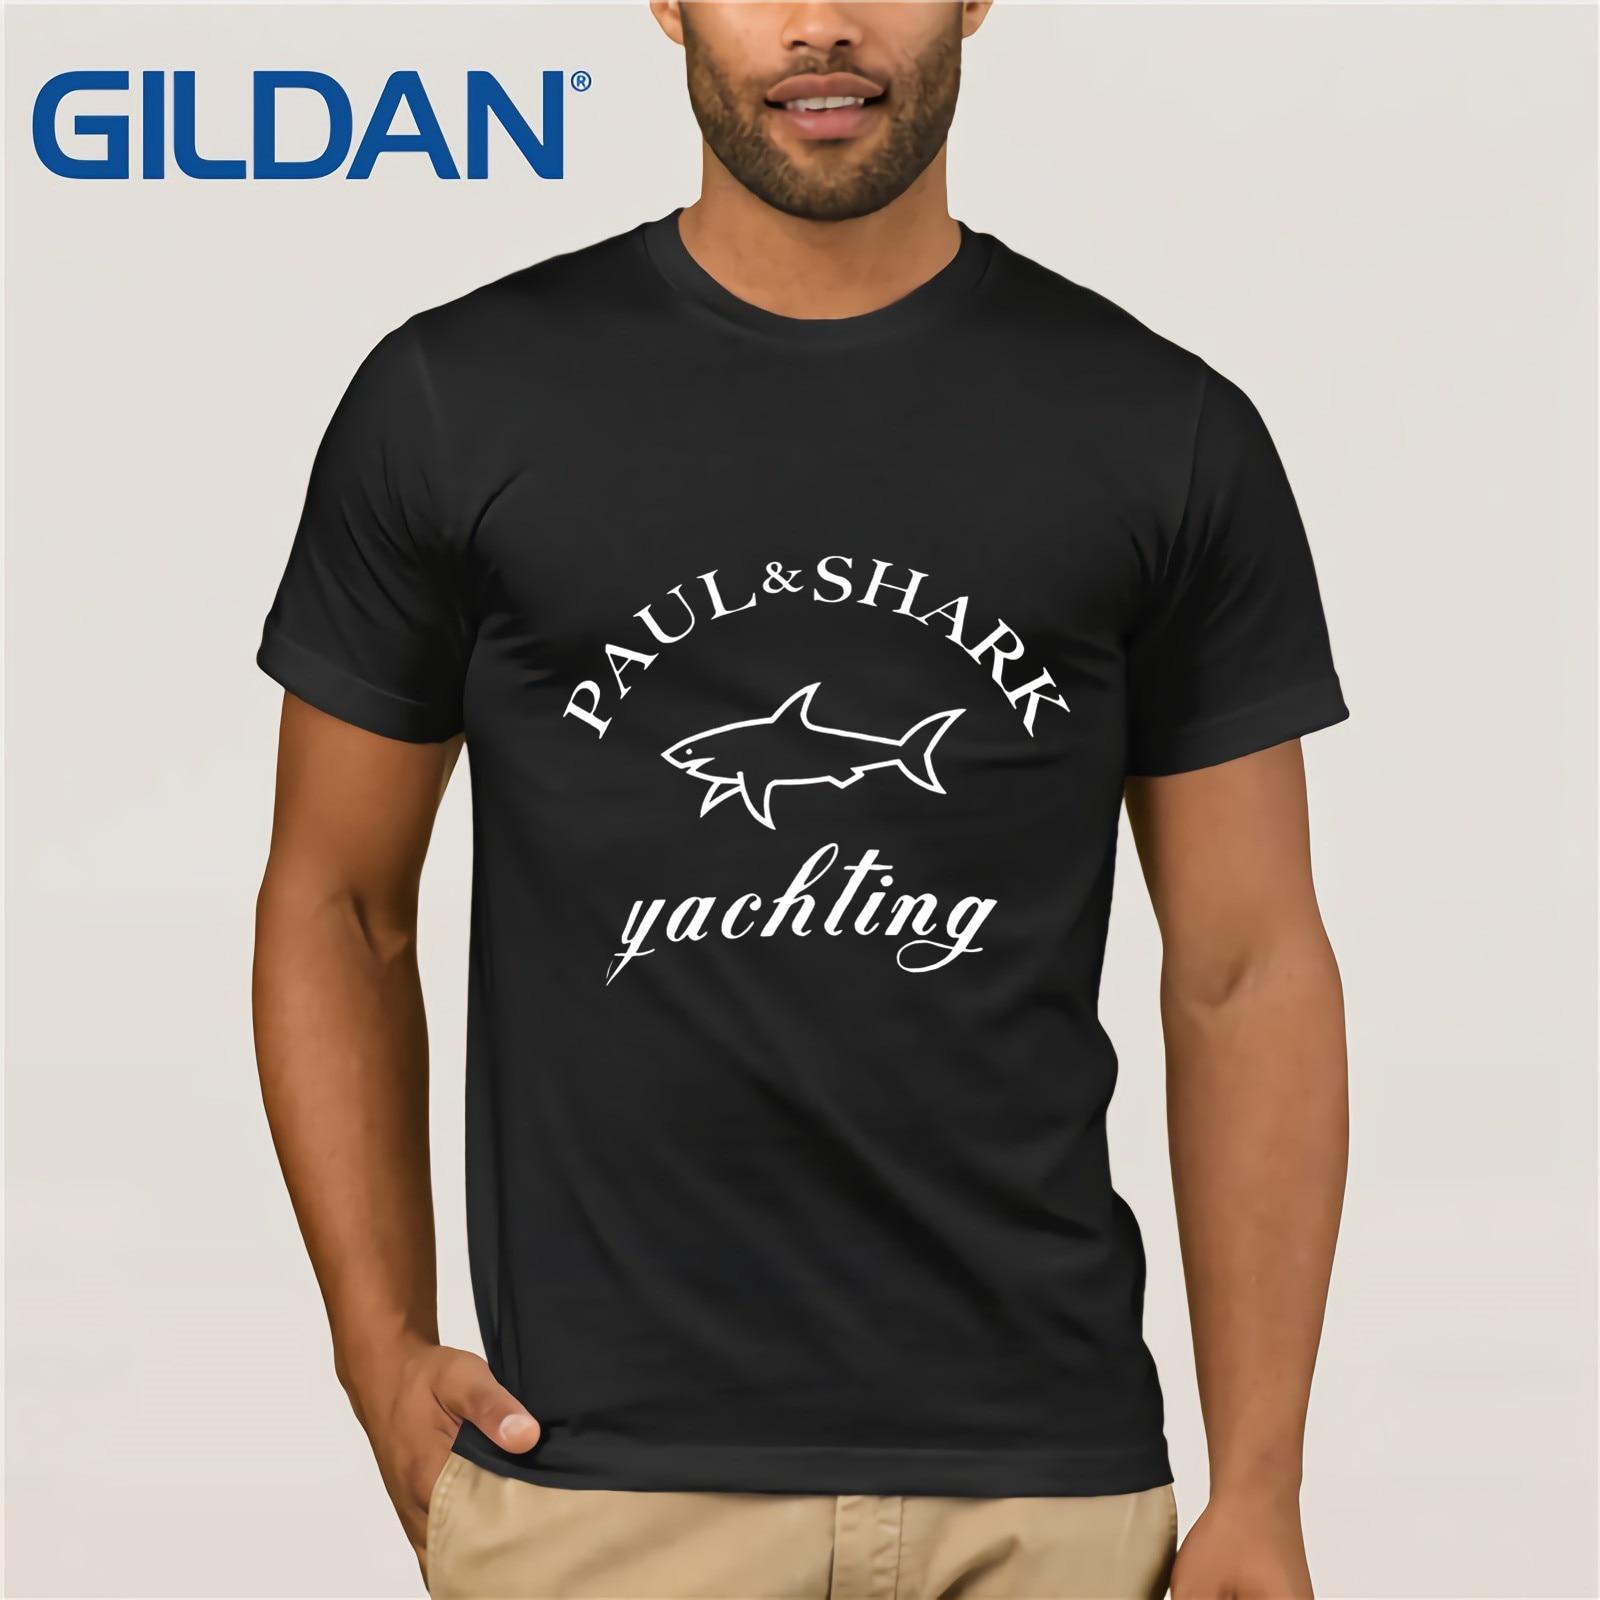 Paul & Shark Yaching T-shirt Herre T-Shirt Champiom T-Shirt Winner Tee Men Brand Clothing Classic Style T-shirt